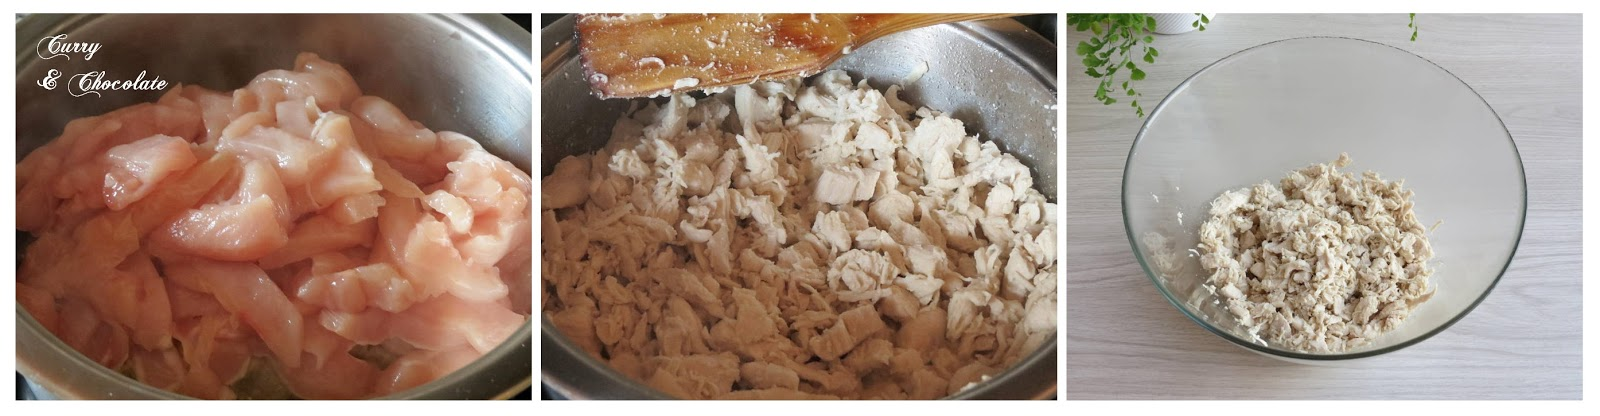 Preparando el pollo